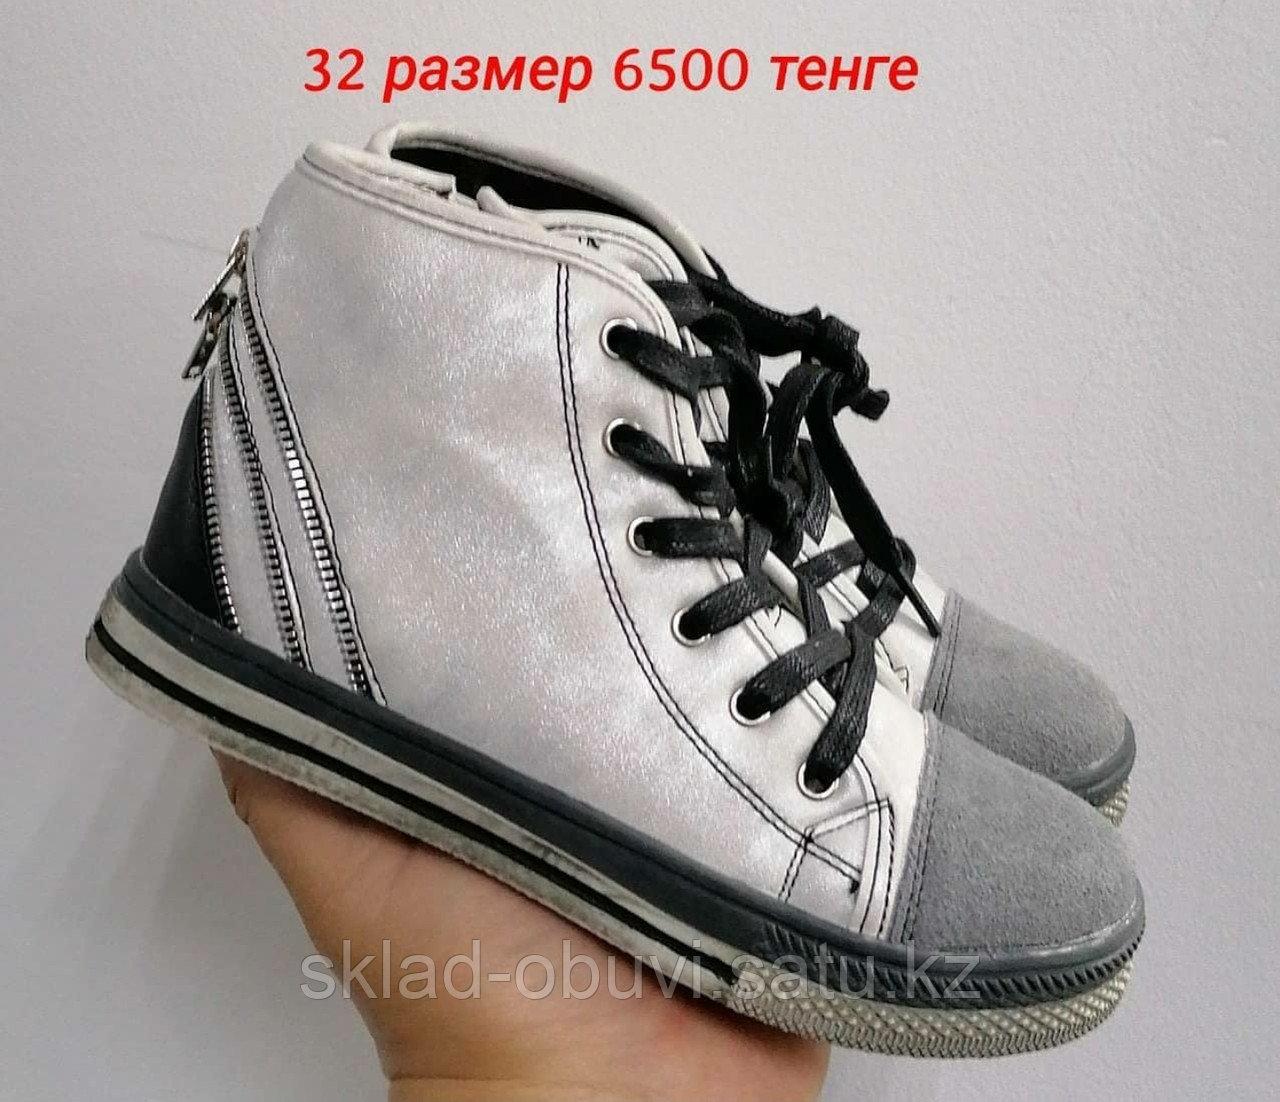 Кожаные детские ботиночки. Распродажа со склада мелким оптом. - фото 3